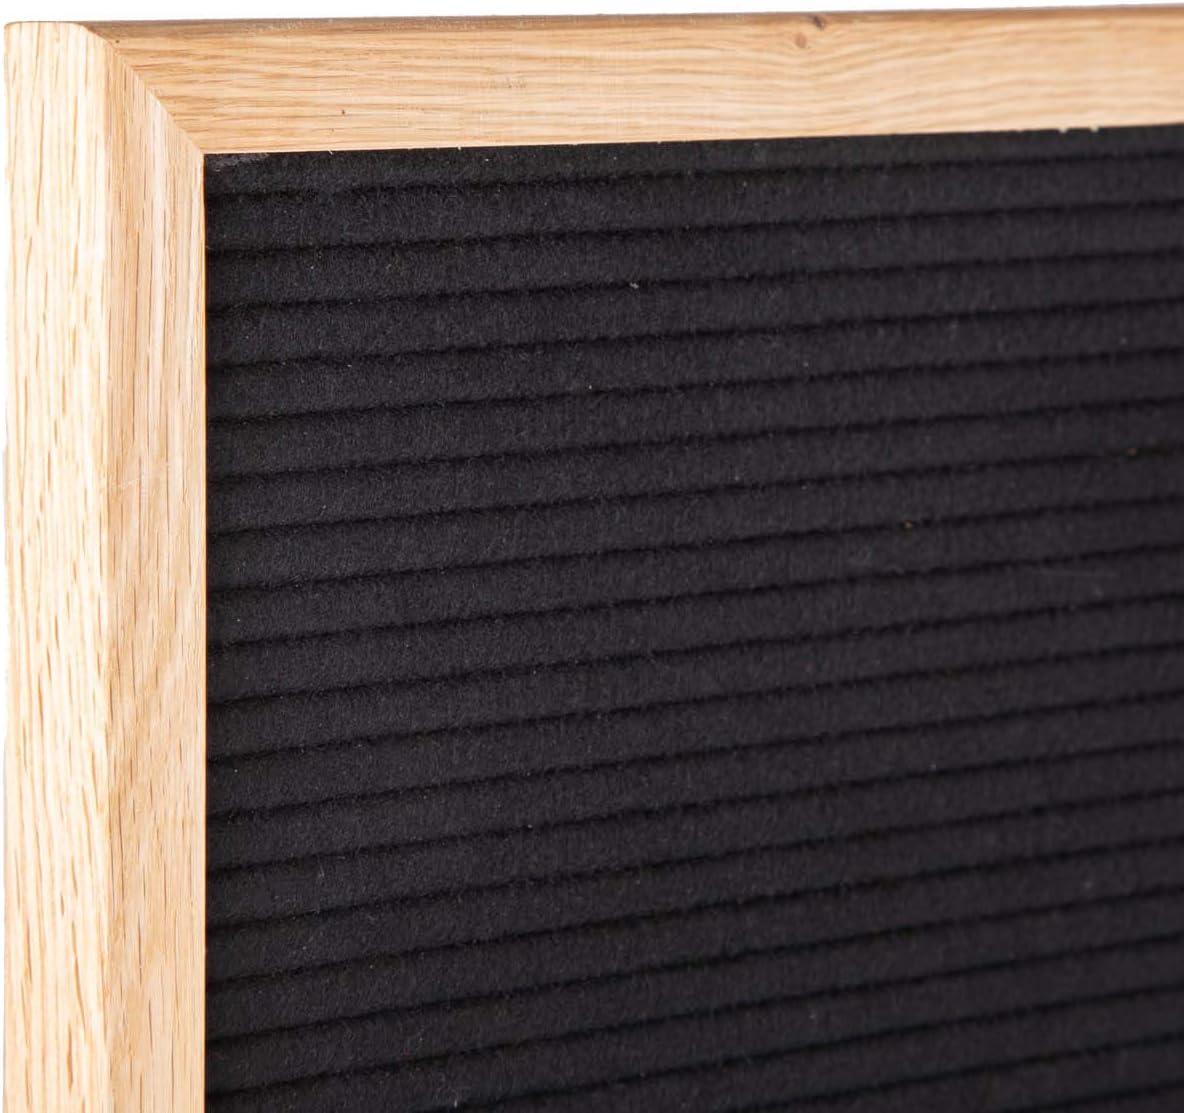 354 Golden- und Silberfarbigen Buchstaben /& Zahlen /& St/änder Schwarz//Natur LEDR Letter Board aus Holz und Filz 30 x 45 cm Buchstaben Tafel Buchstabenbrett Rillentafel Stecktafel mit 354 Wei/ße